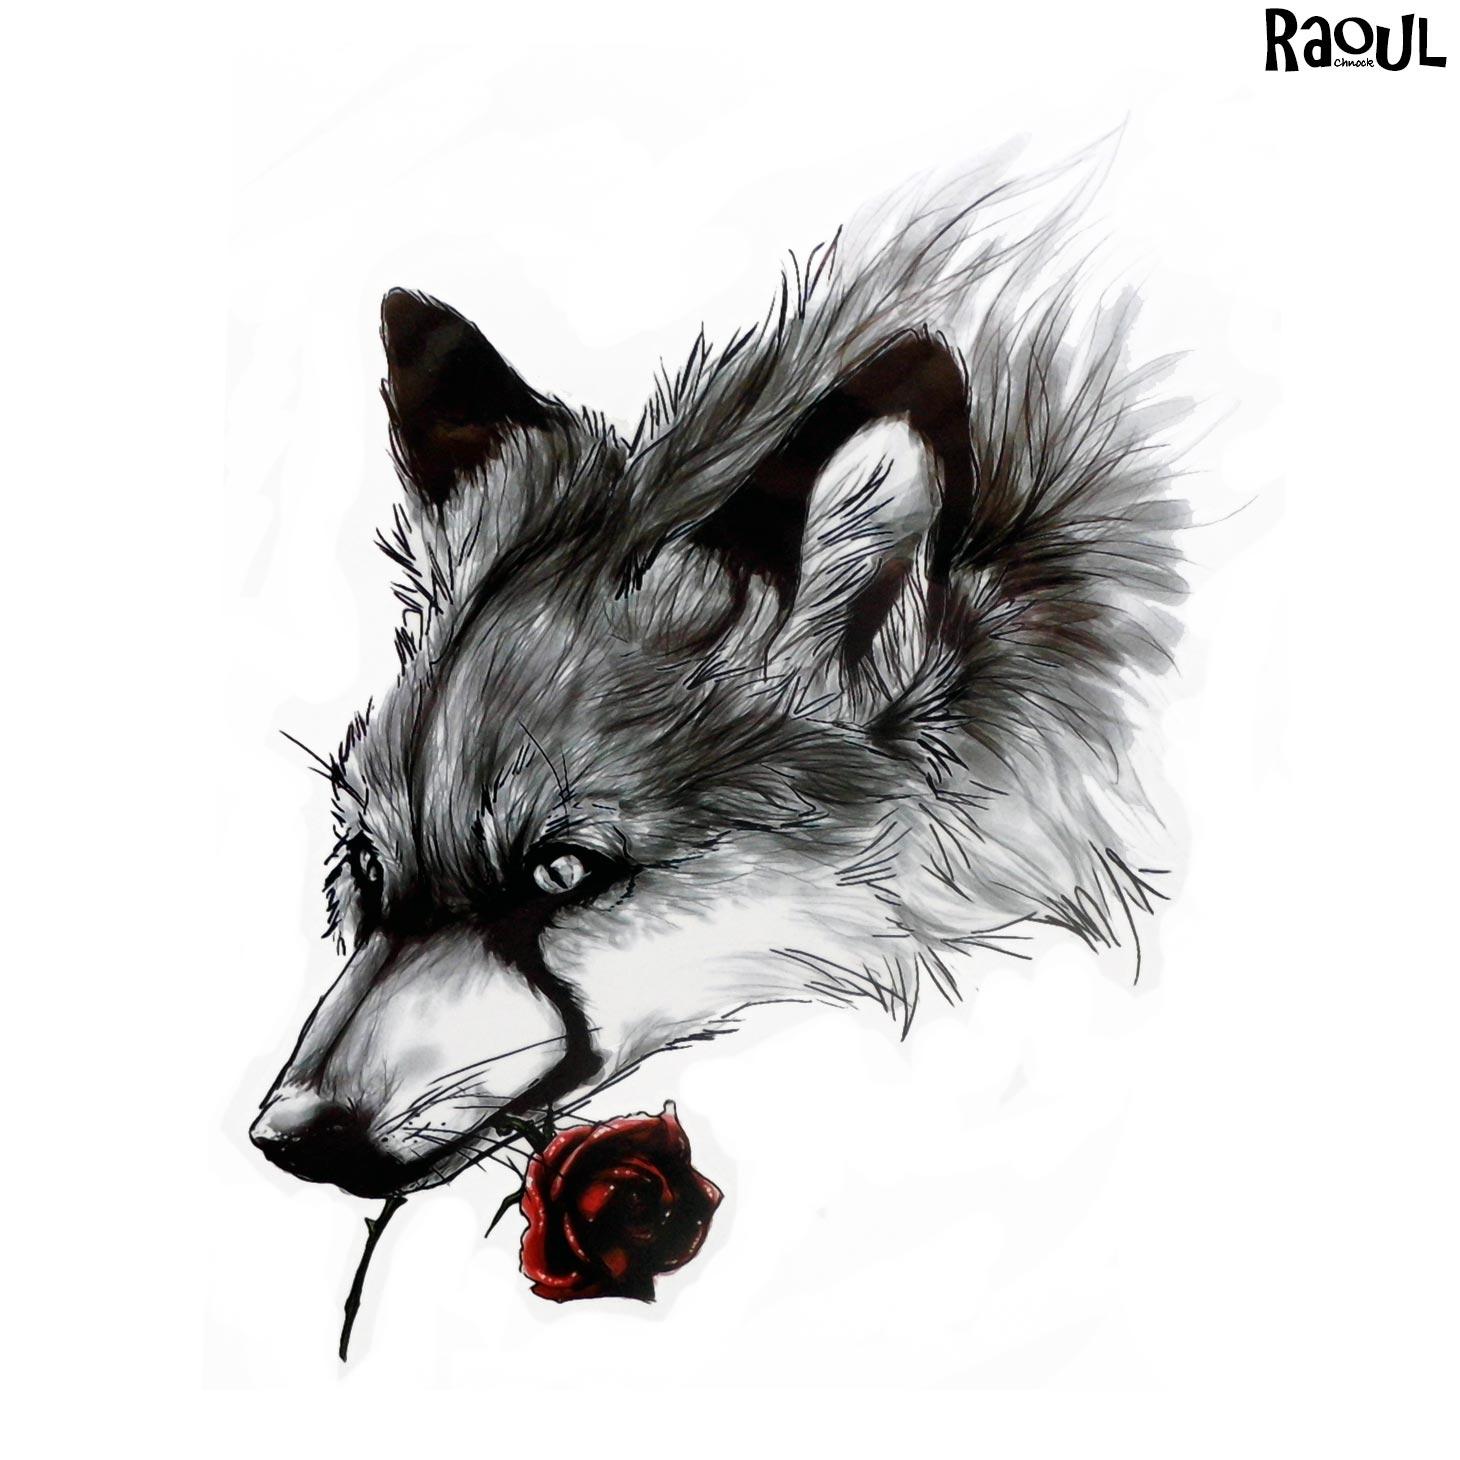 Tatouage Ephemere D Un Loup Tenant Dans Sa Gueule Une Rose Raoul